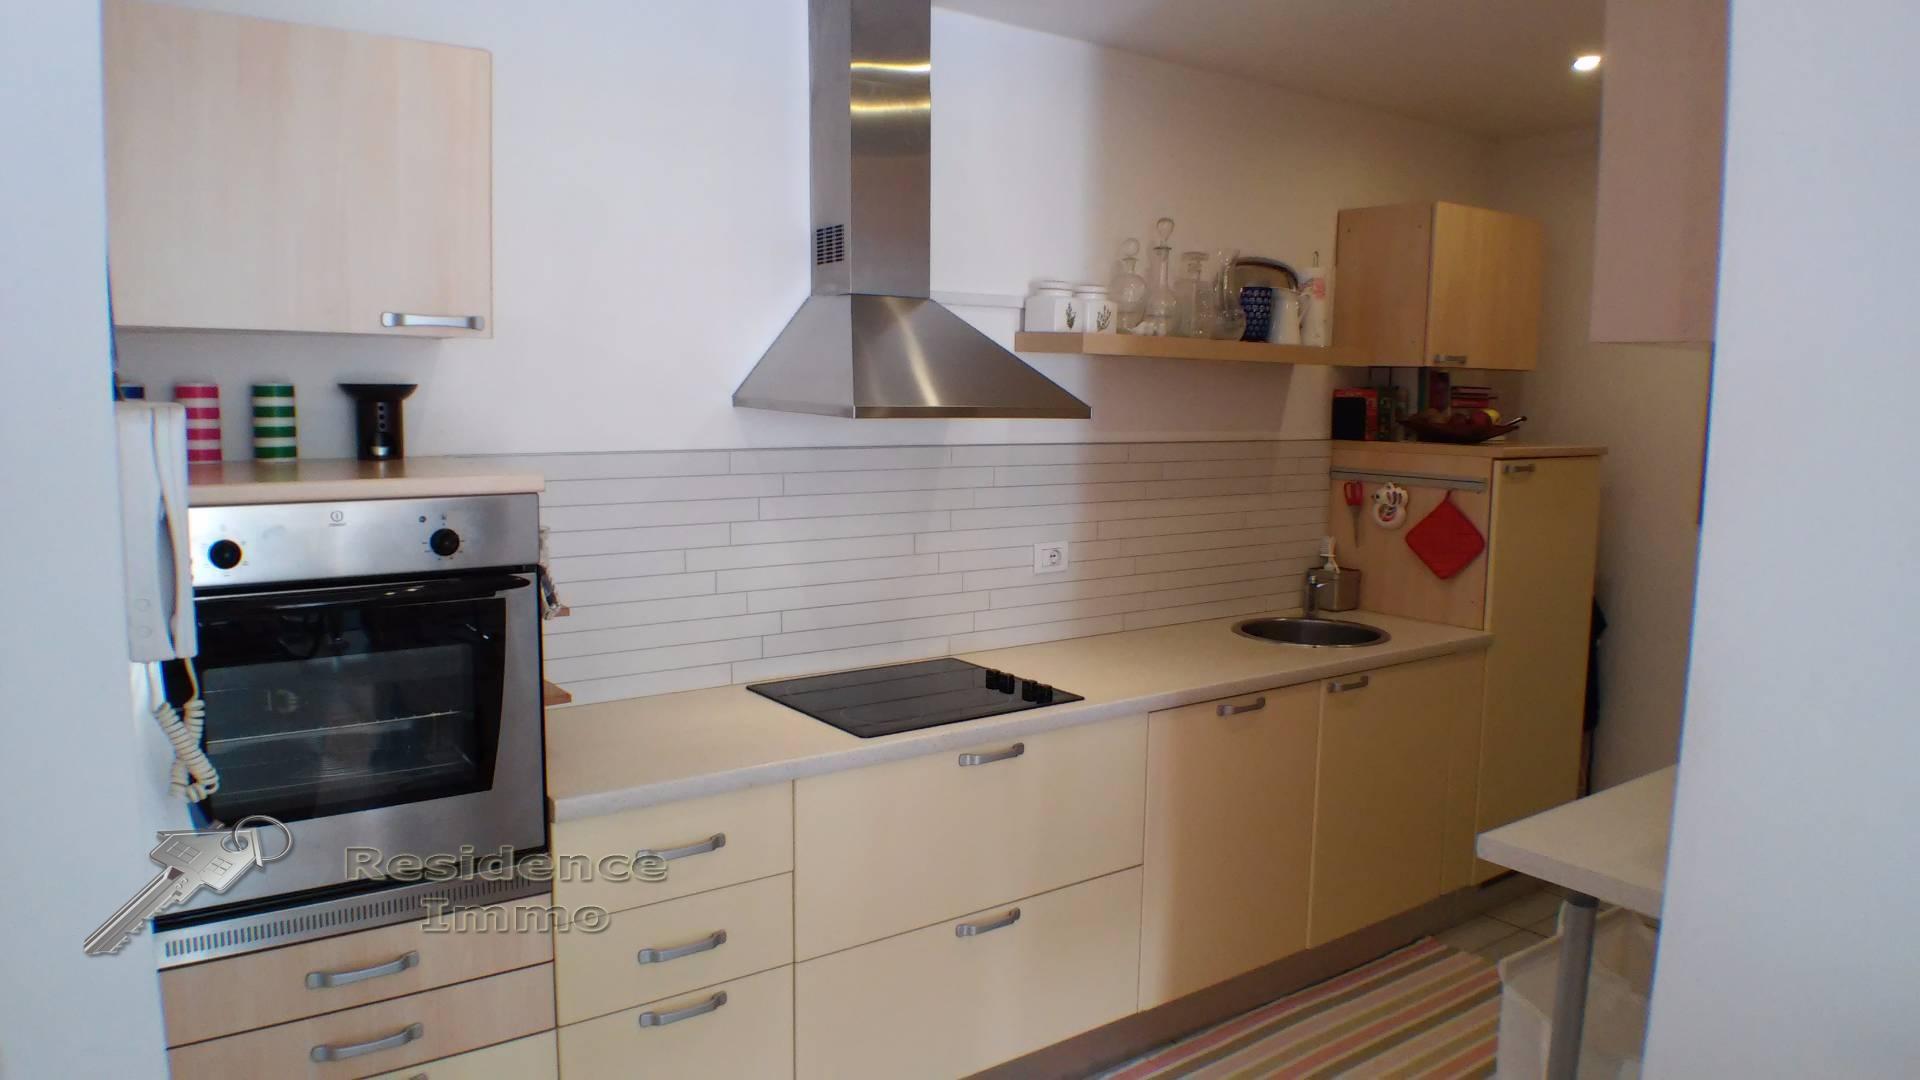 Appartamento in vendita a Bolzano, 2 locali, zona Zona: Residenziale, prezzo € 245.000 | Cambio Casa.it